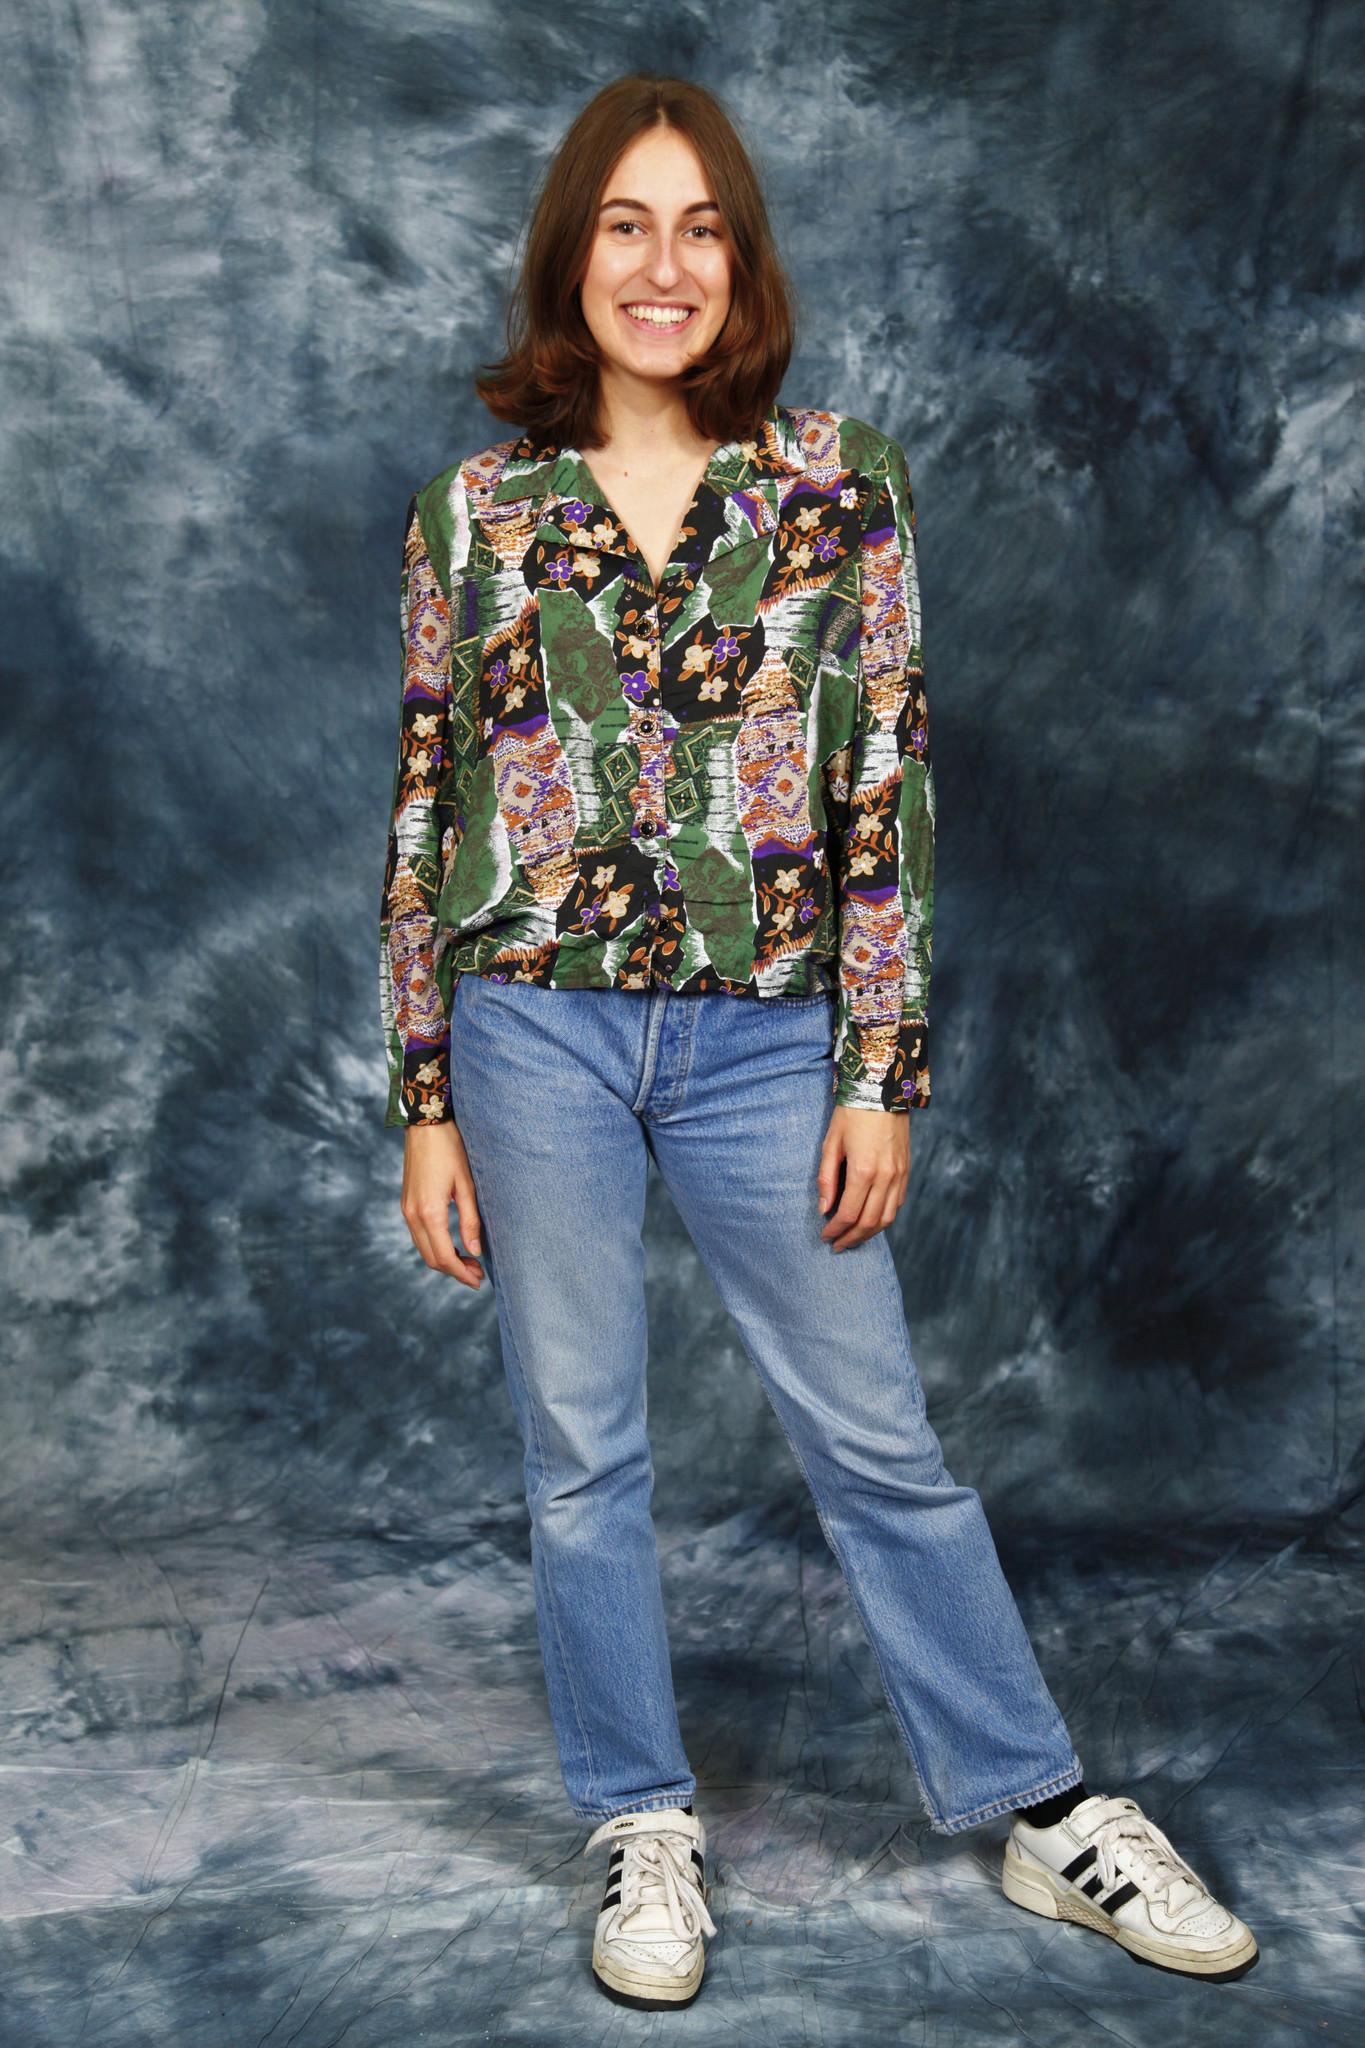 Floral 80s blouse